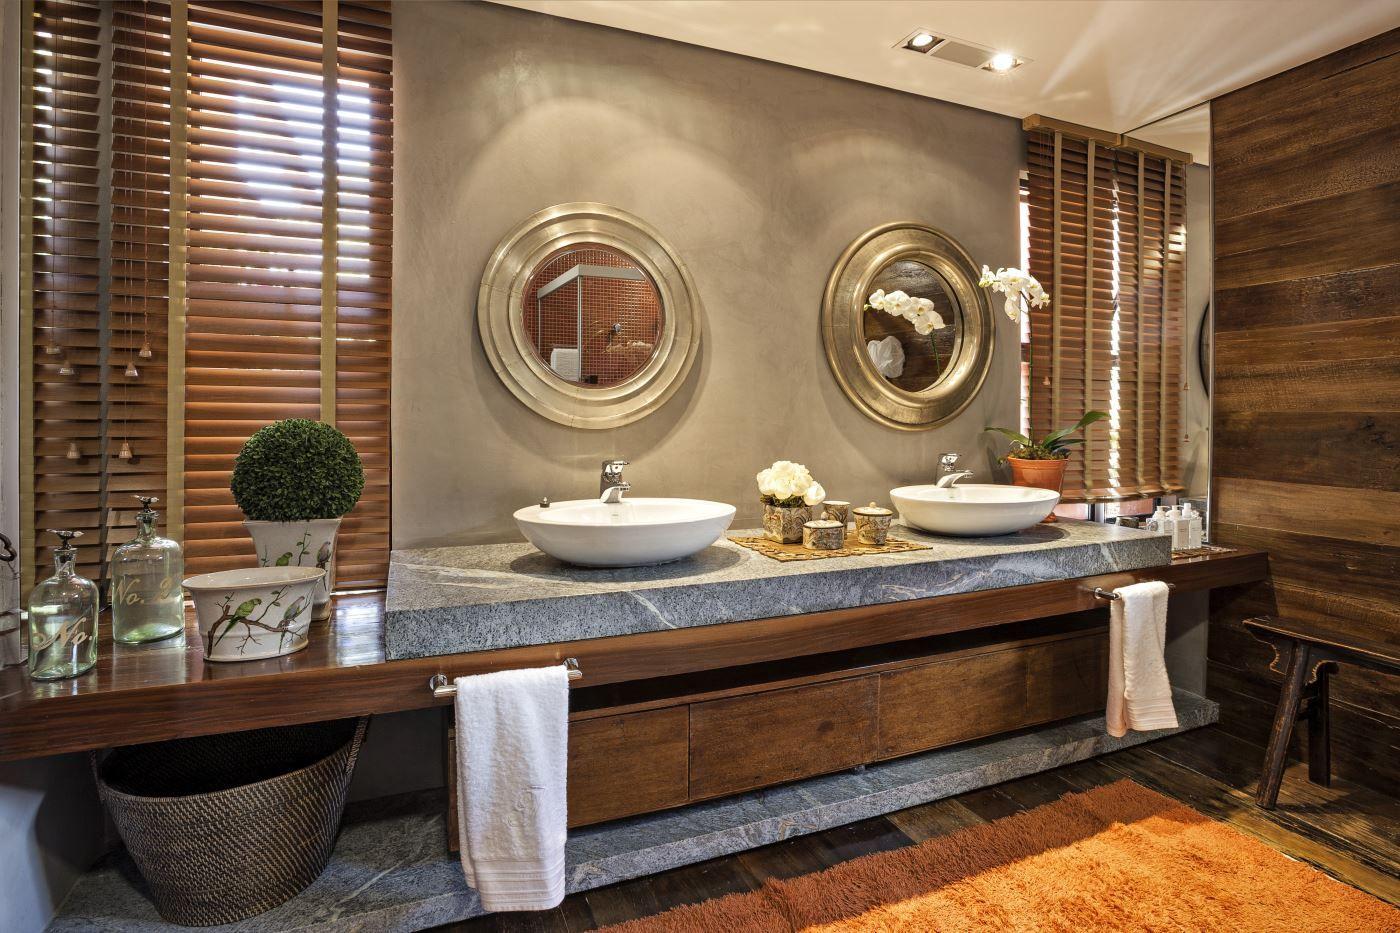 Os Banheiros Rústicos e o Encanto Do Natural Ideias Designer de  #AB6320 1400 933